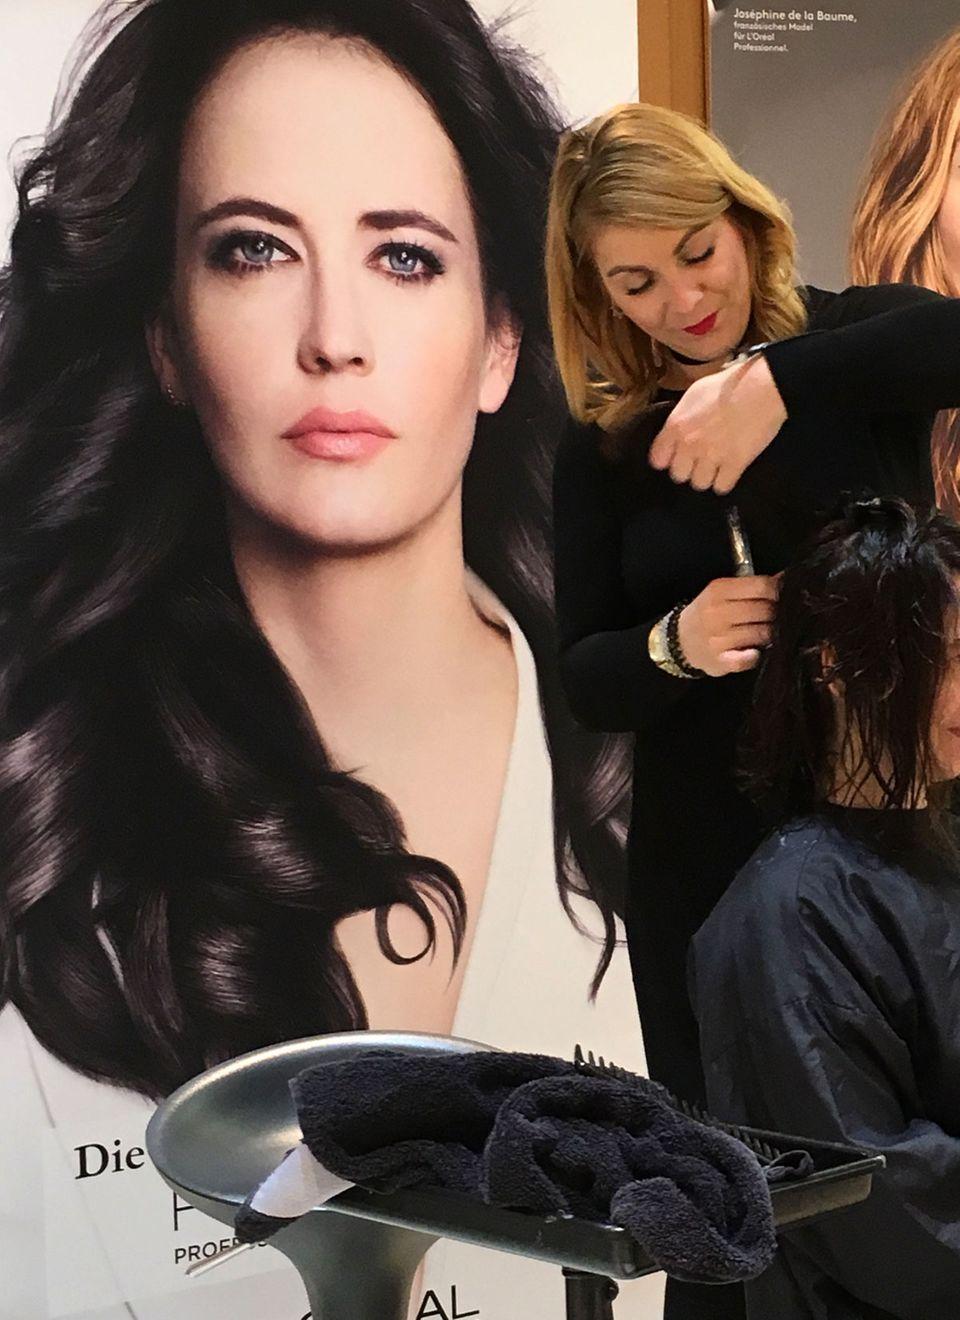 """So schönes Haar wie Eva Green hätte ich ebenfalls gerne. Heute sollen meine Haare beim Prozess der Intensivtönung und anschließenden Balayage durch den Inhaltsstoff Maleinsäure im Produkt """"Smartbond"""" geschützt werden."""